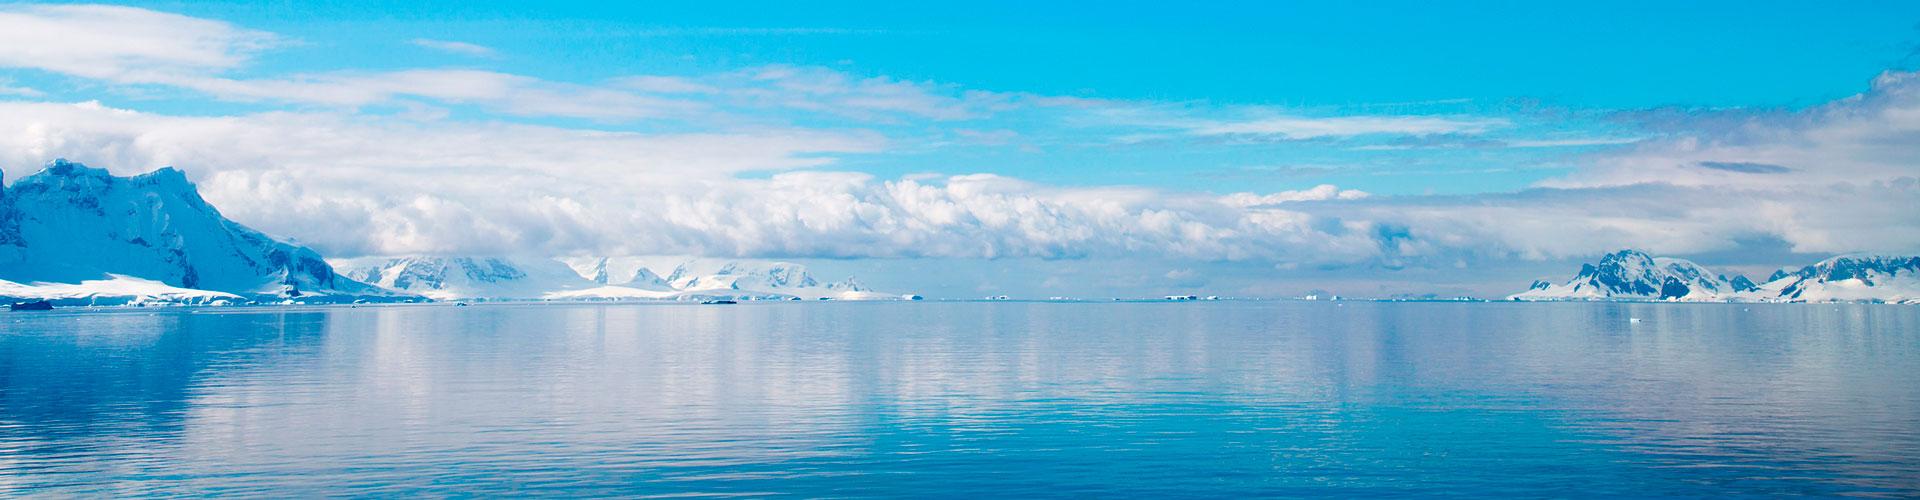 LNT Marine panorama